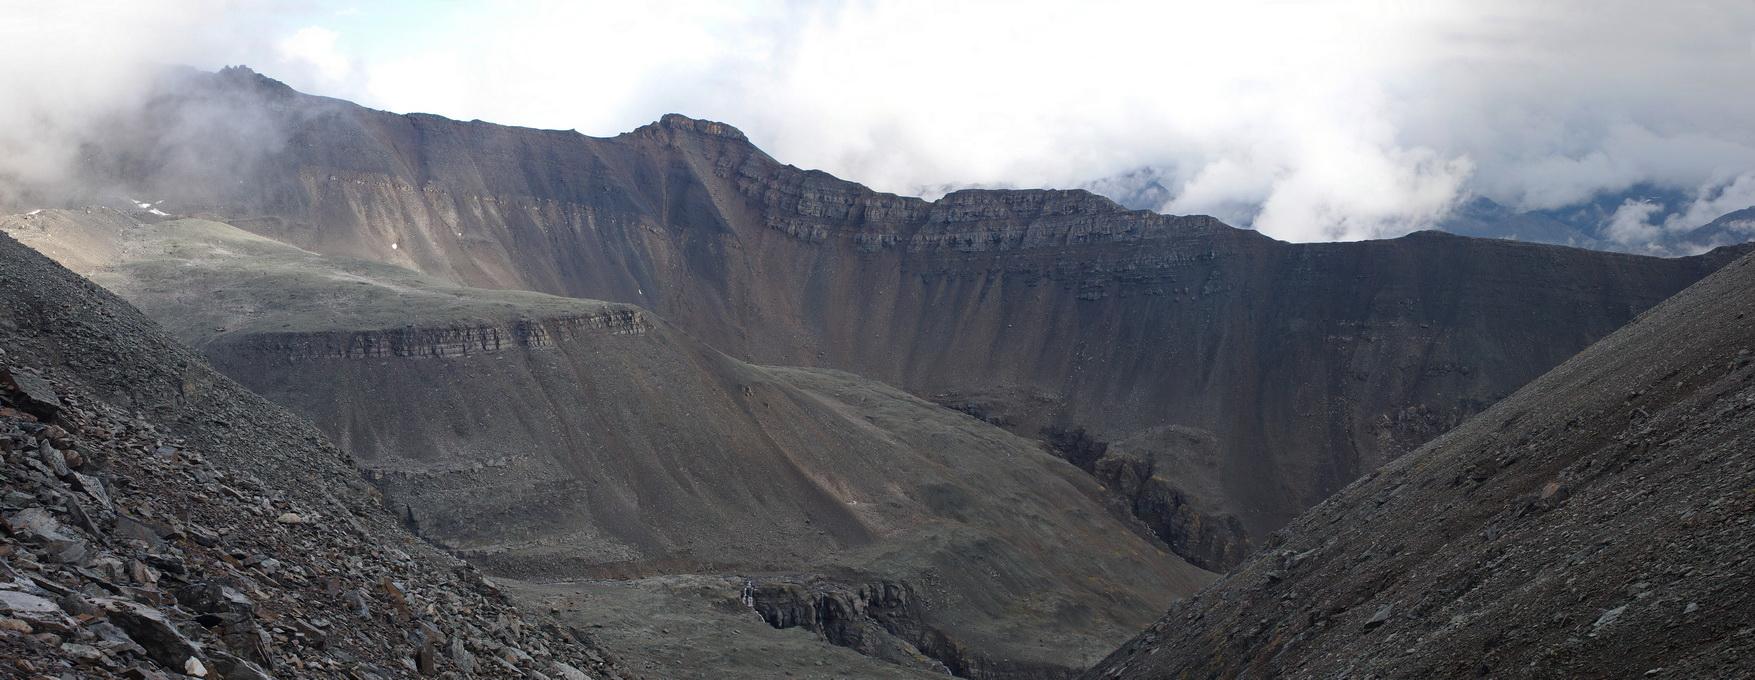 Техотчет Якутия, хребет Сунтар-Хаята, Перевал 50-летия Индигирской экспедиции, 2а, 2515 м. Технический паспорт